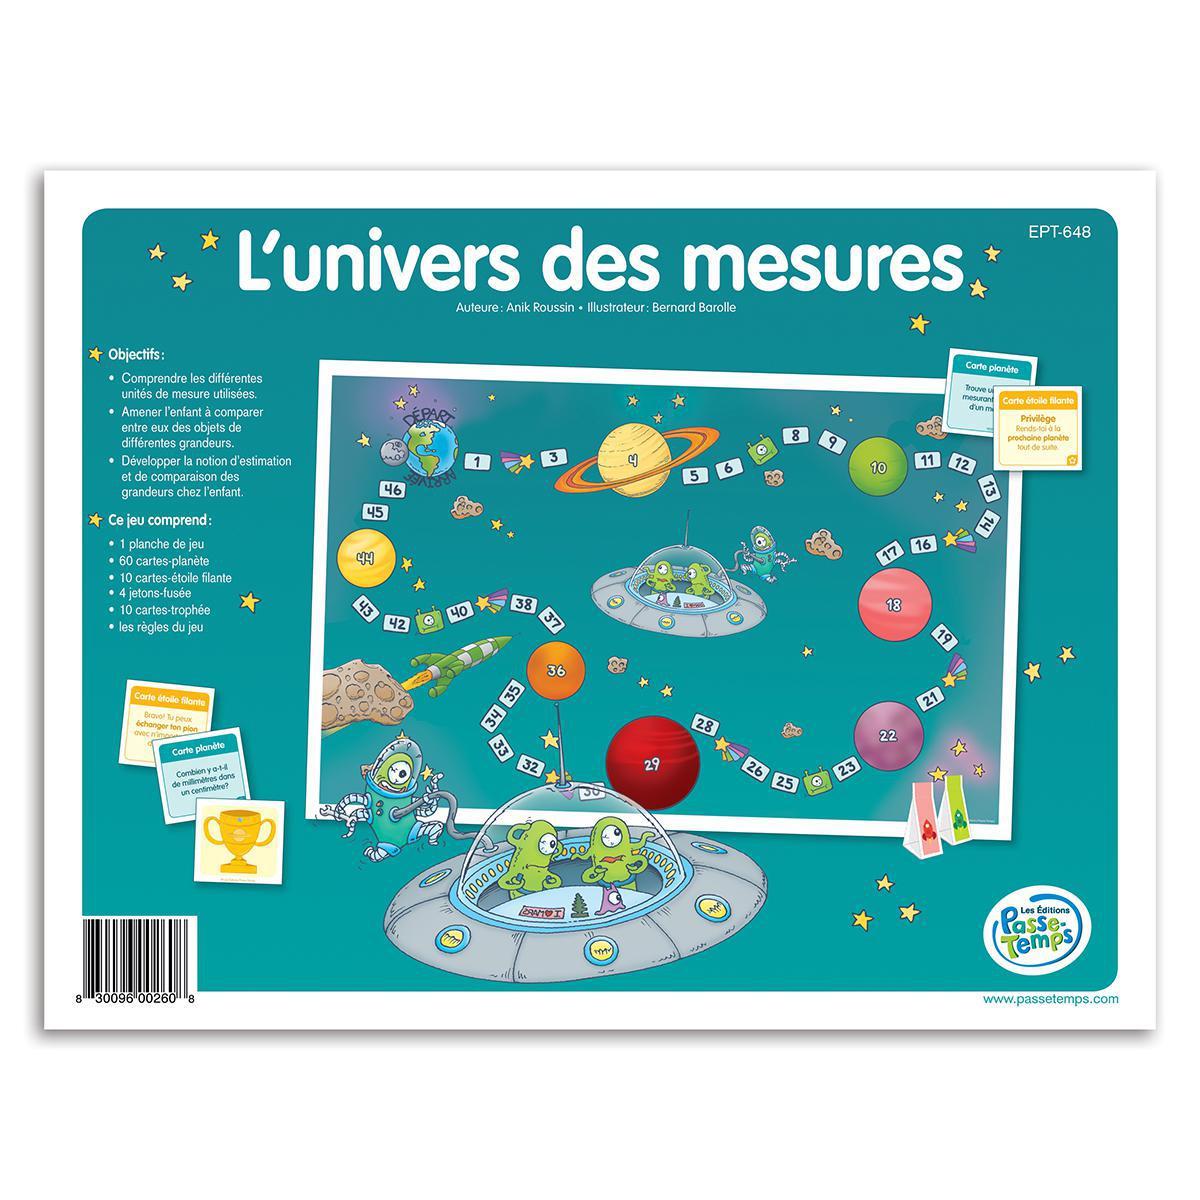 Univers des mesures